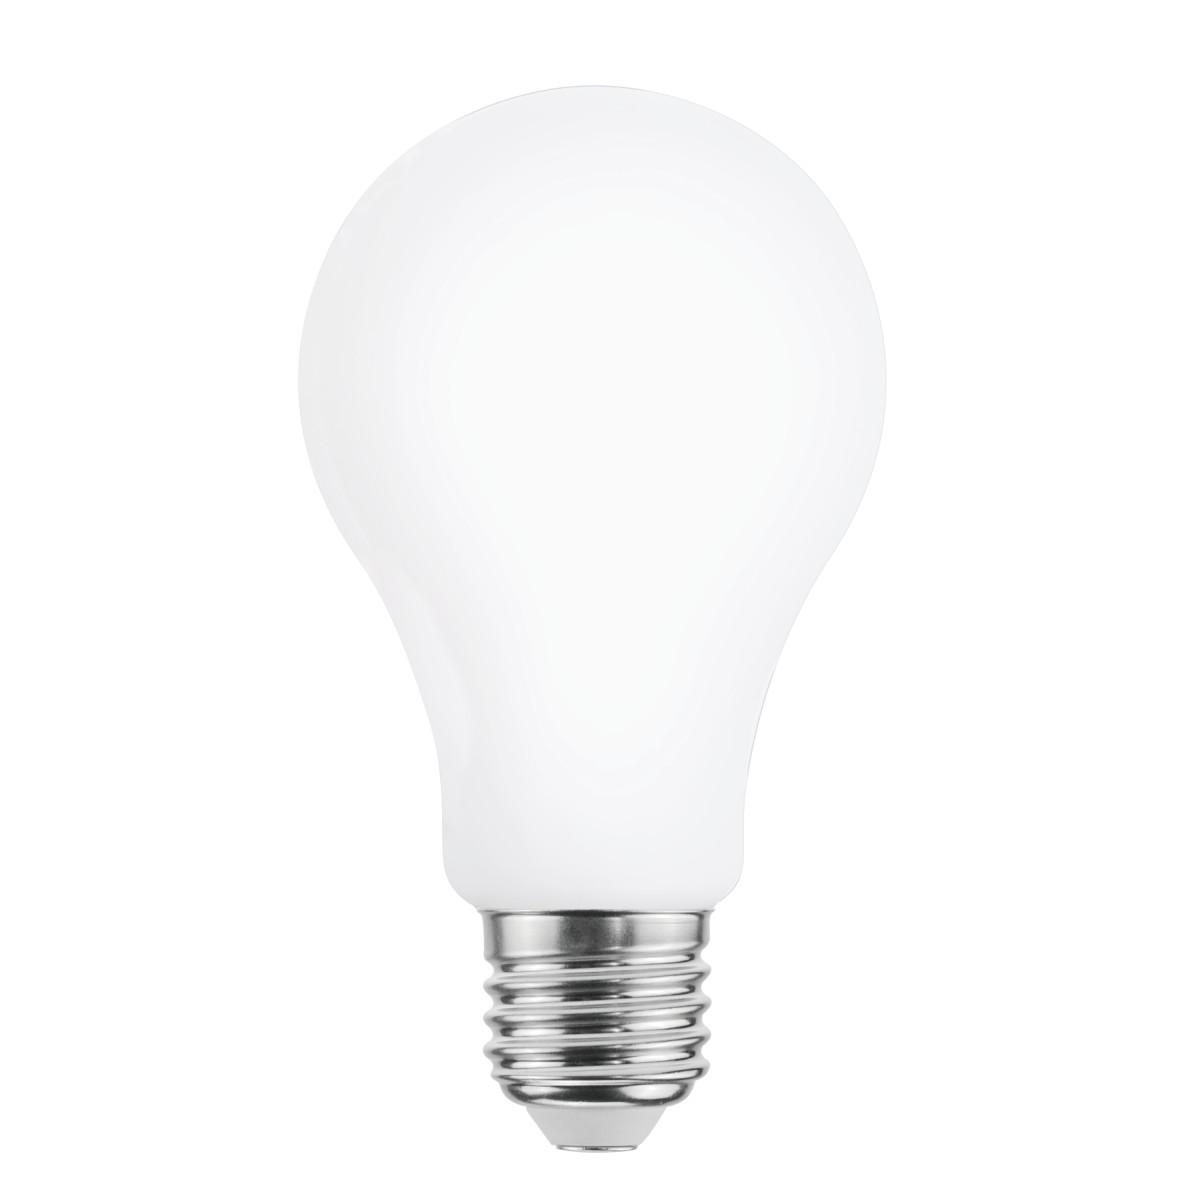 Лампа светодиодная филаментная Lexman E27 220 В 16 Вт сфера матовая 2452 лм тёплый белый свет